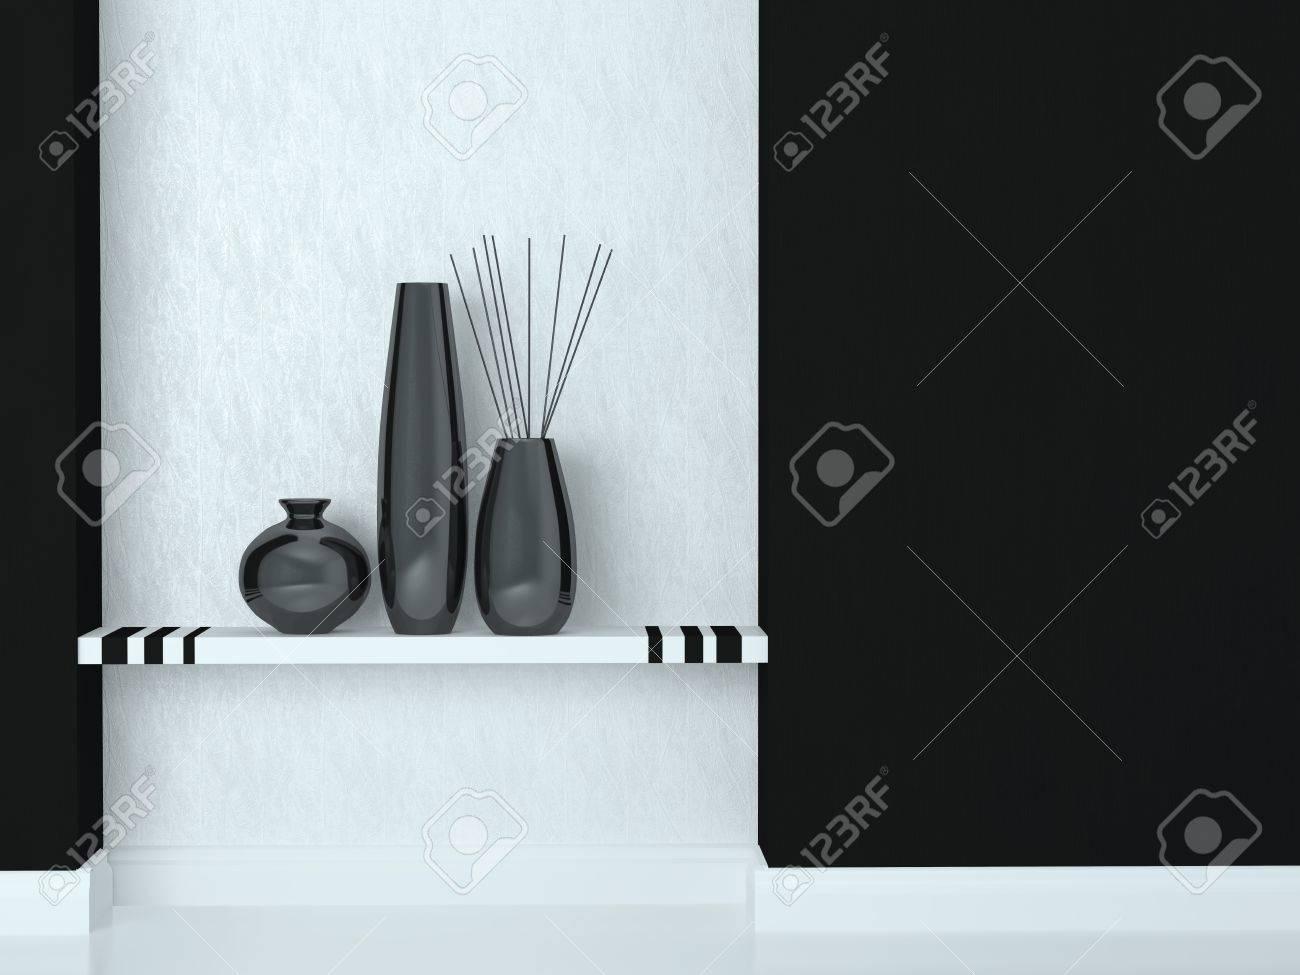 Décoration Salon Moderne Noir Et Blanc tir détail de la décoration salon moderne. noir et blanc design d'intérieur.